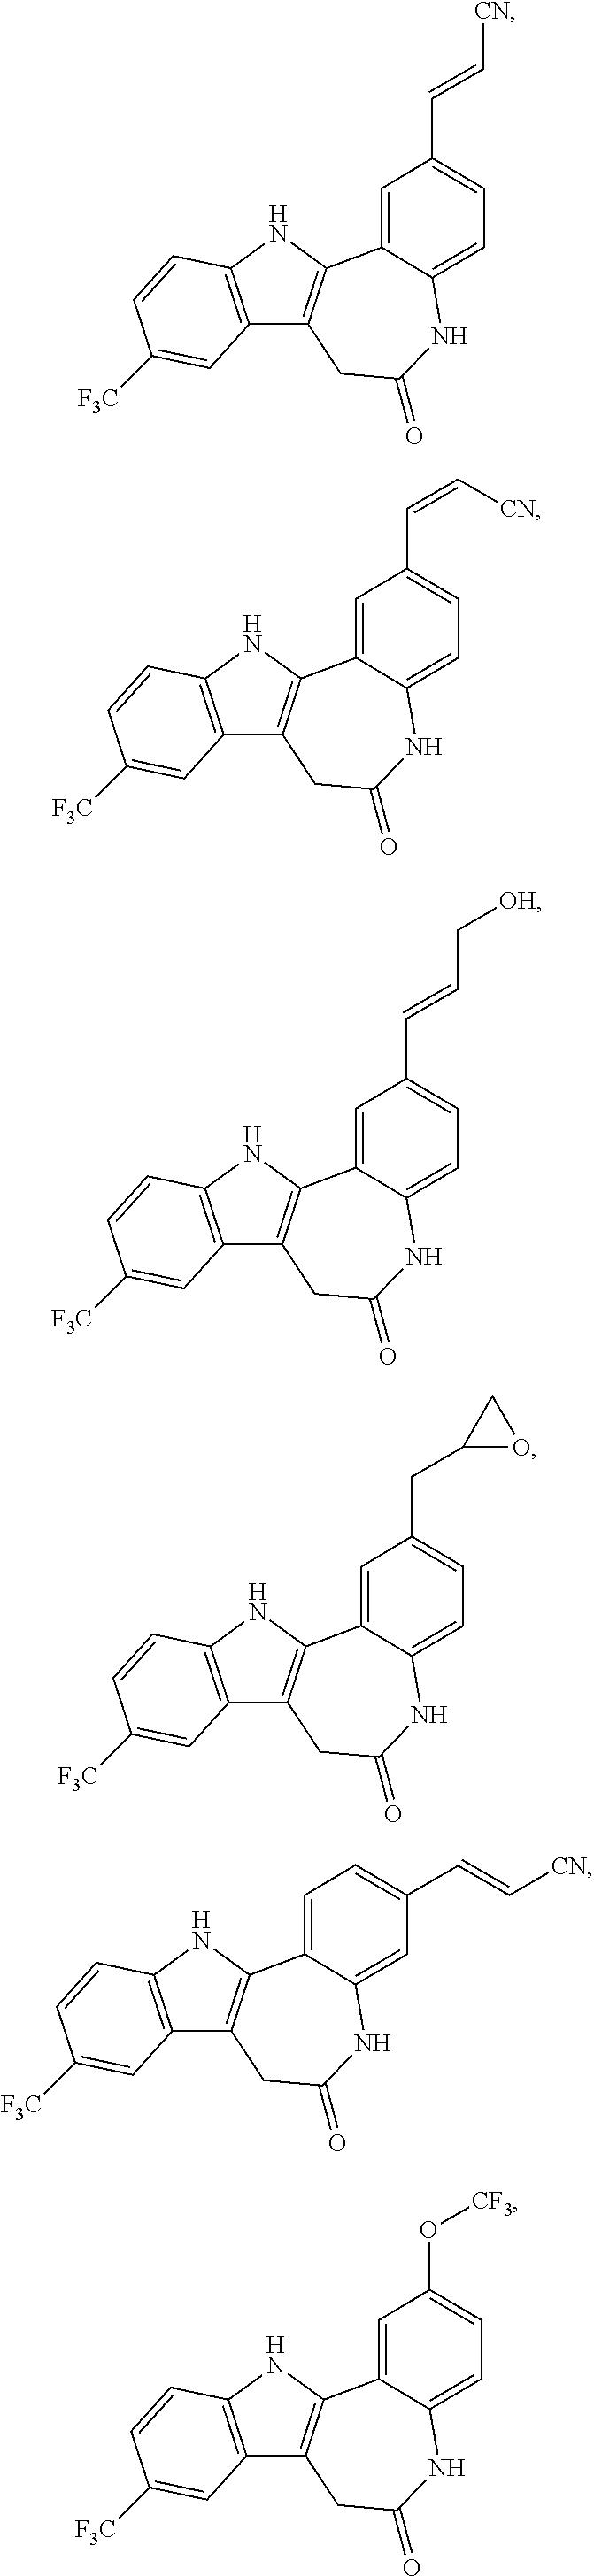 Figure US09572815-20170221-C00015